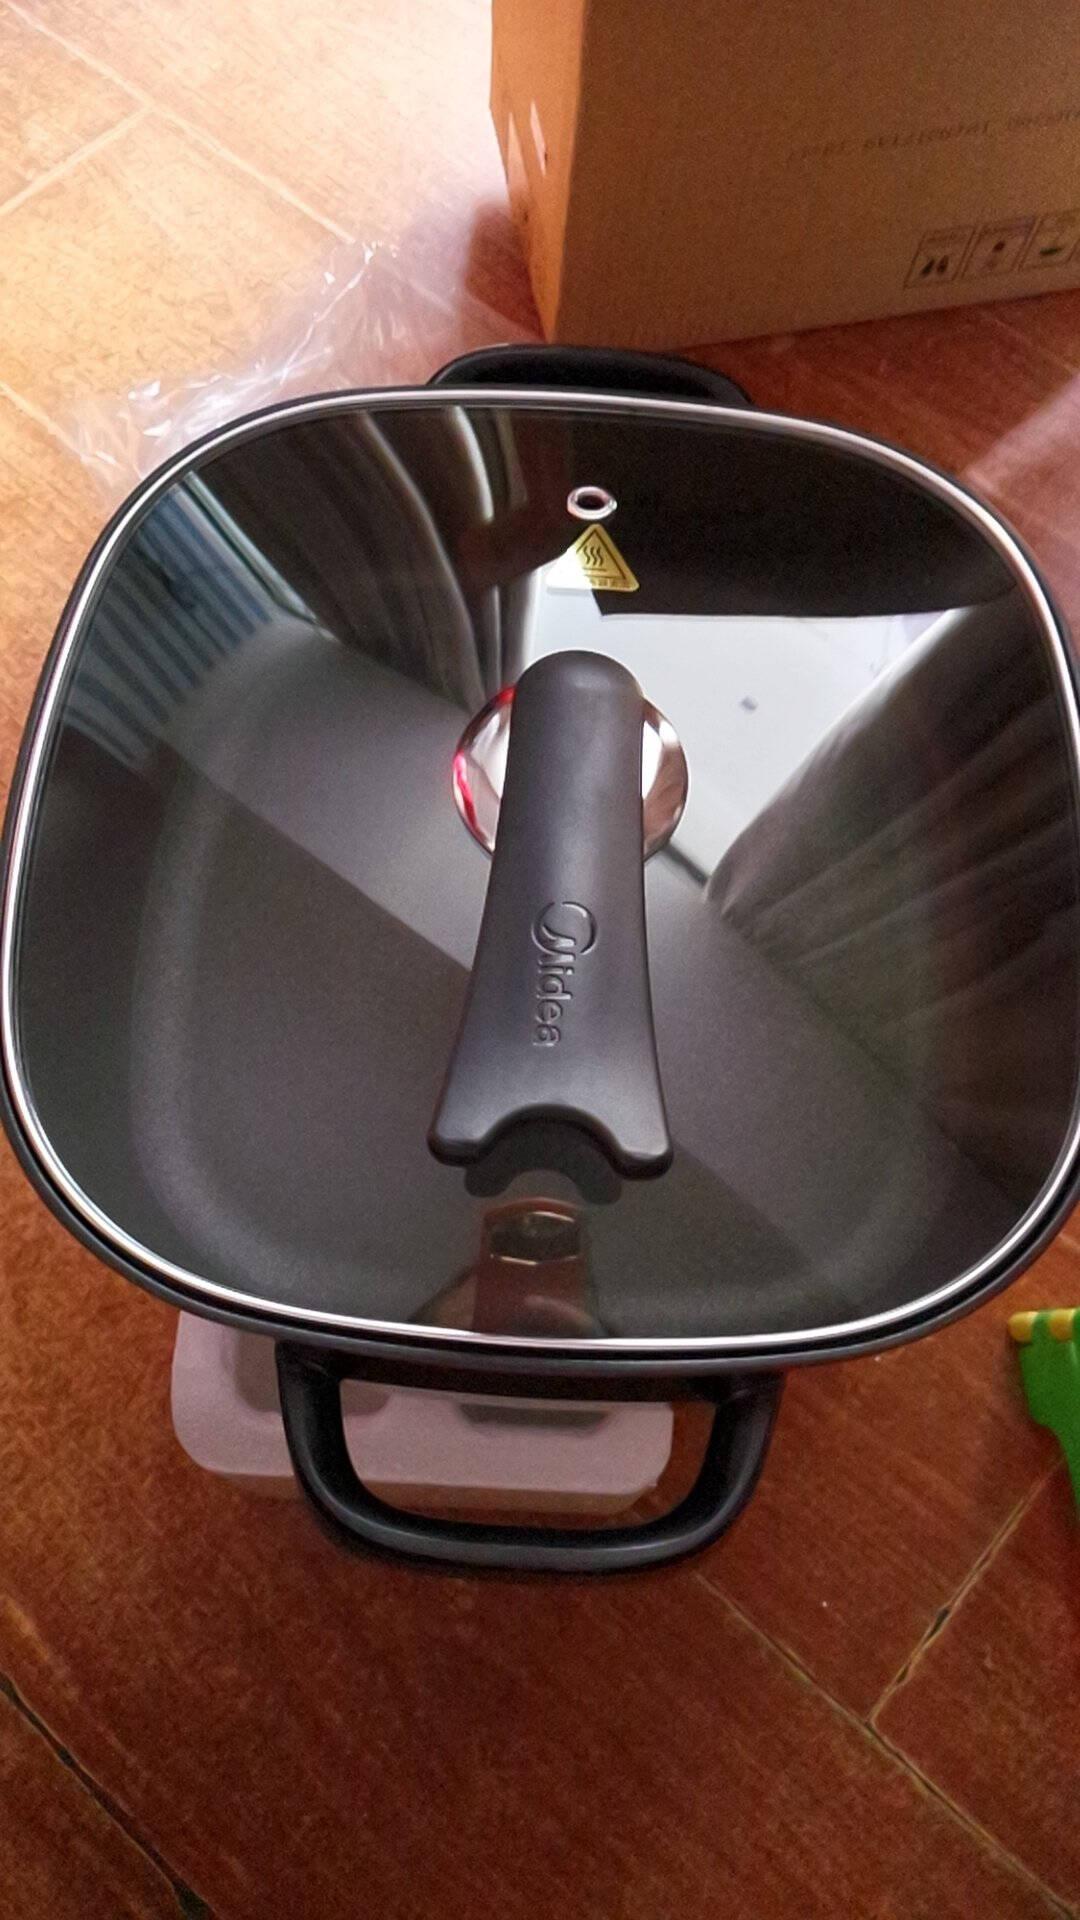 美的(Midea)电火锅电炒锅电煮锅电热锅家用6升大容量一体多用途锅可煎烤LHN30D厂家自营